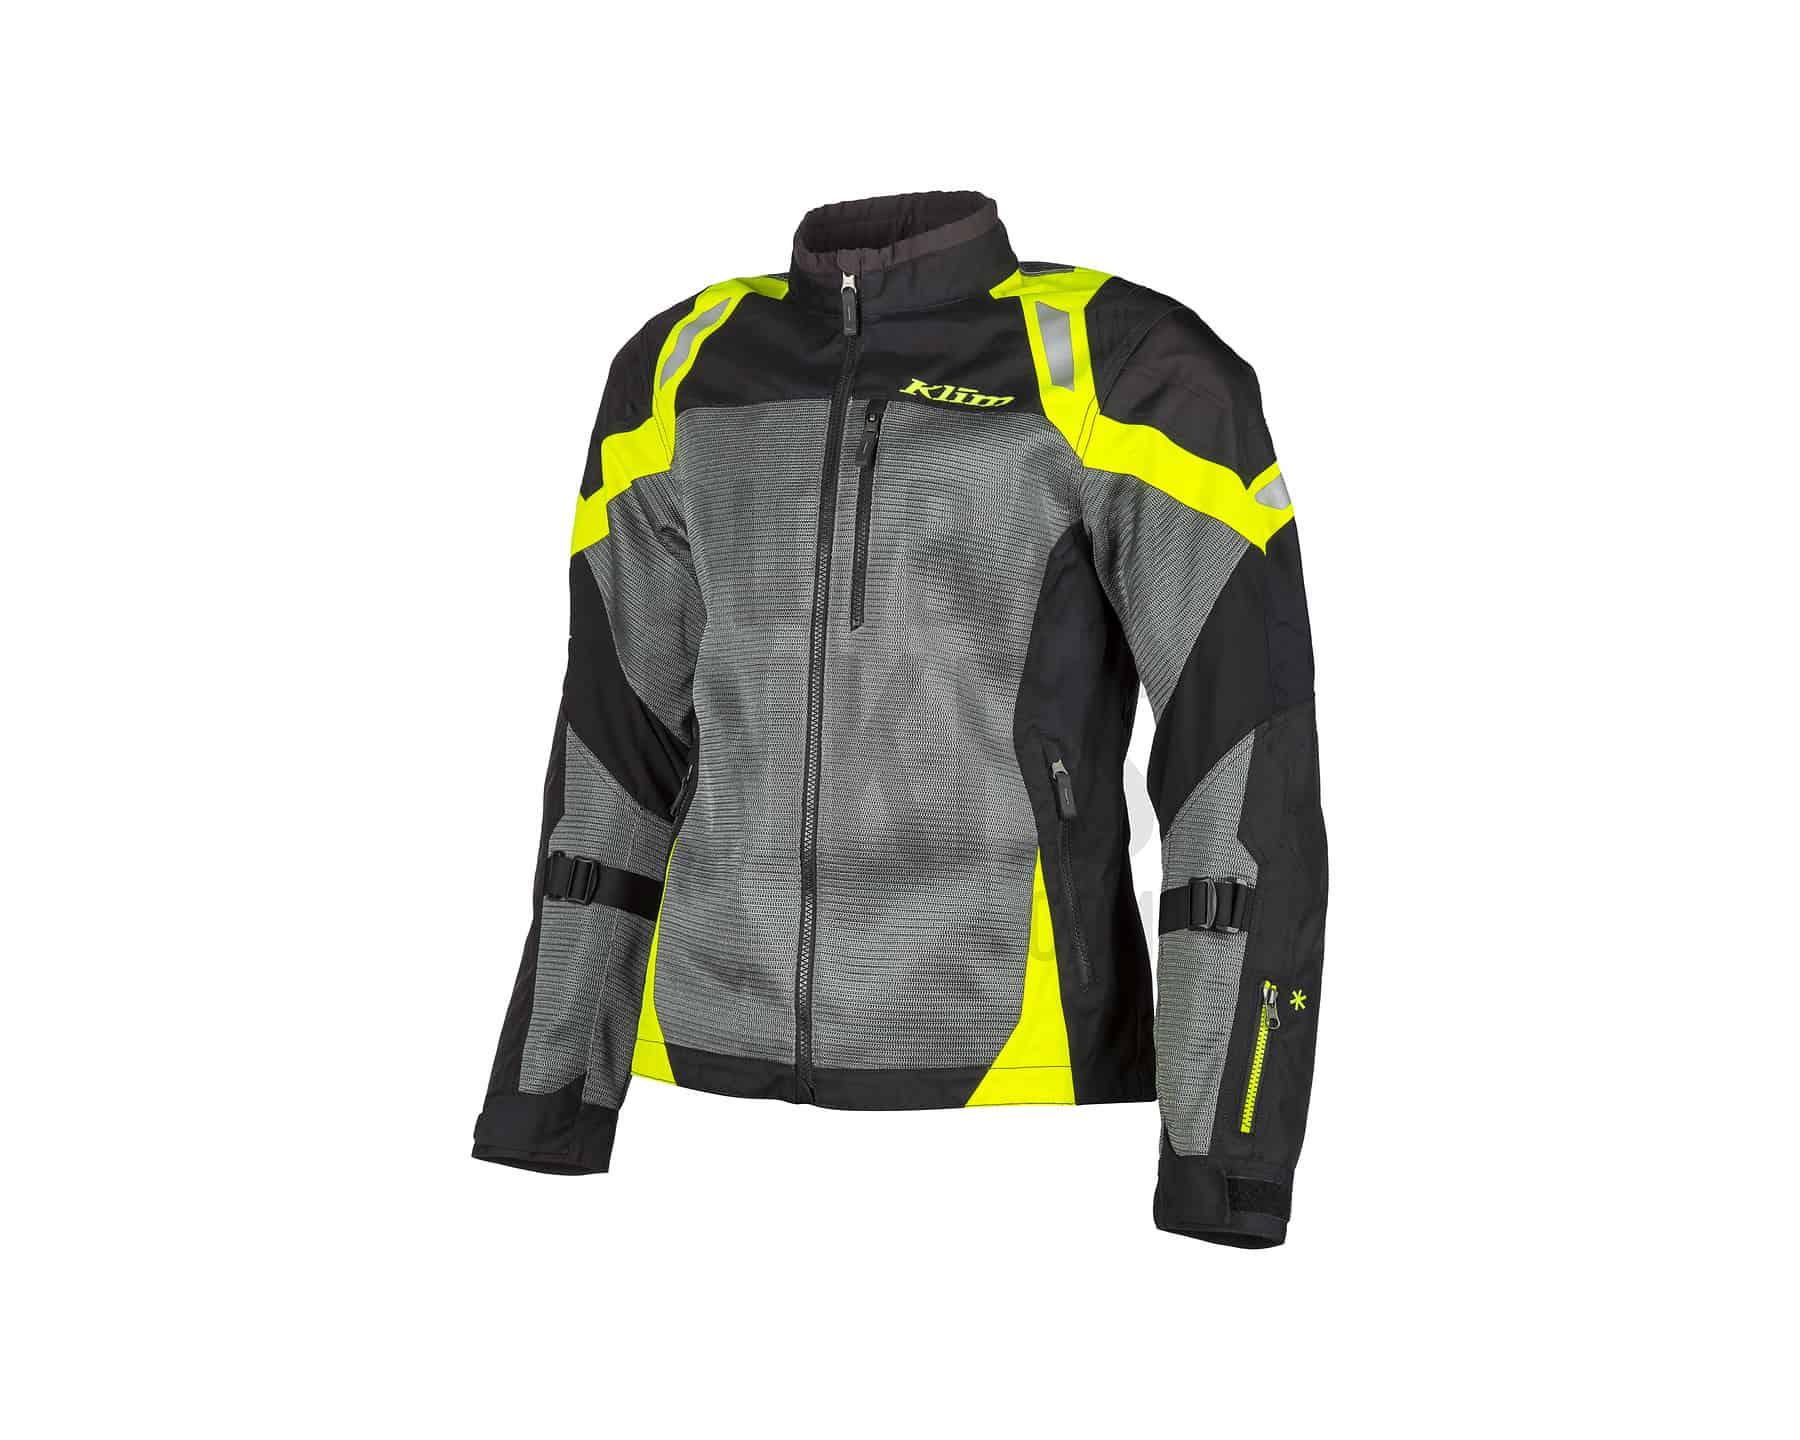 Induction Jacket_5060-002_High-Vis_02